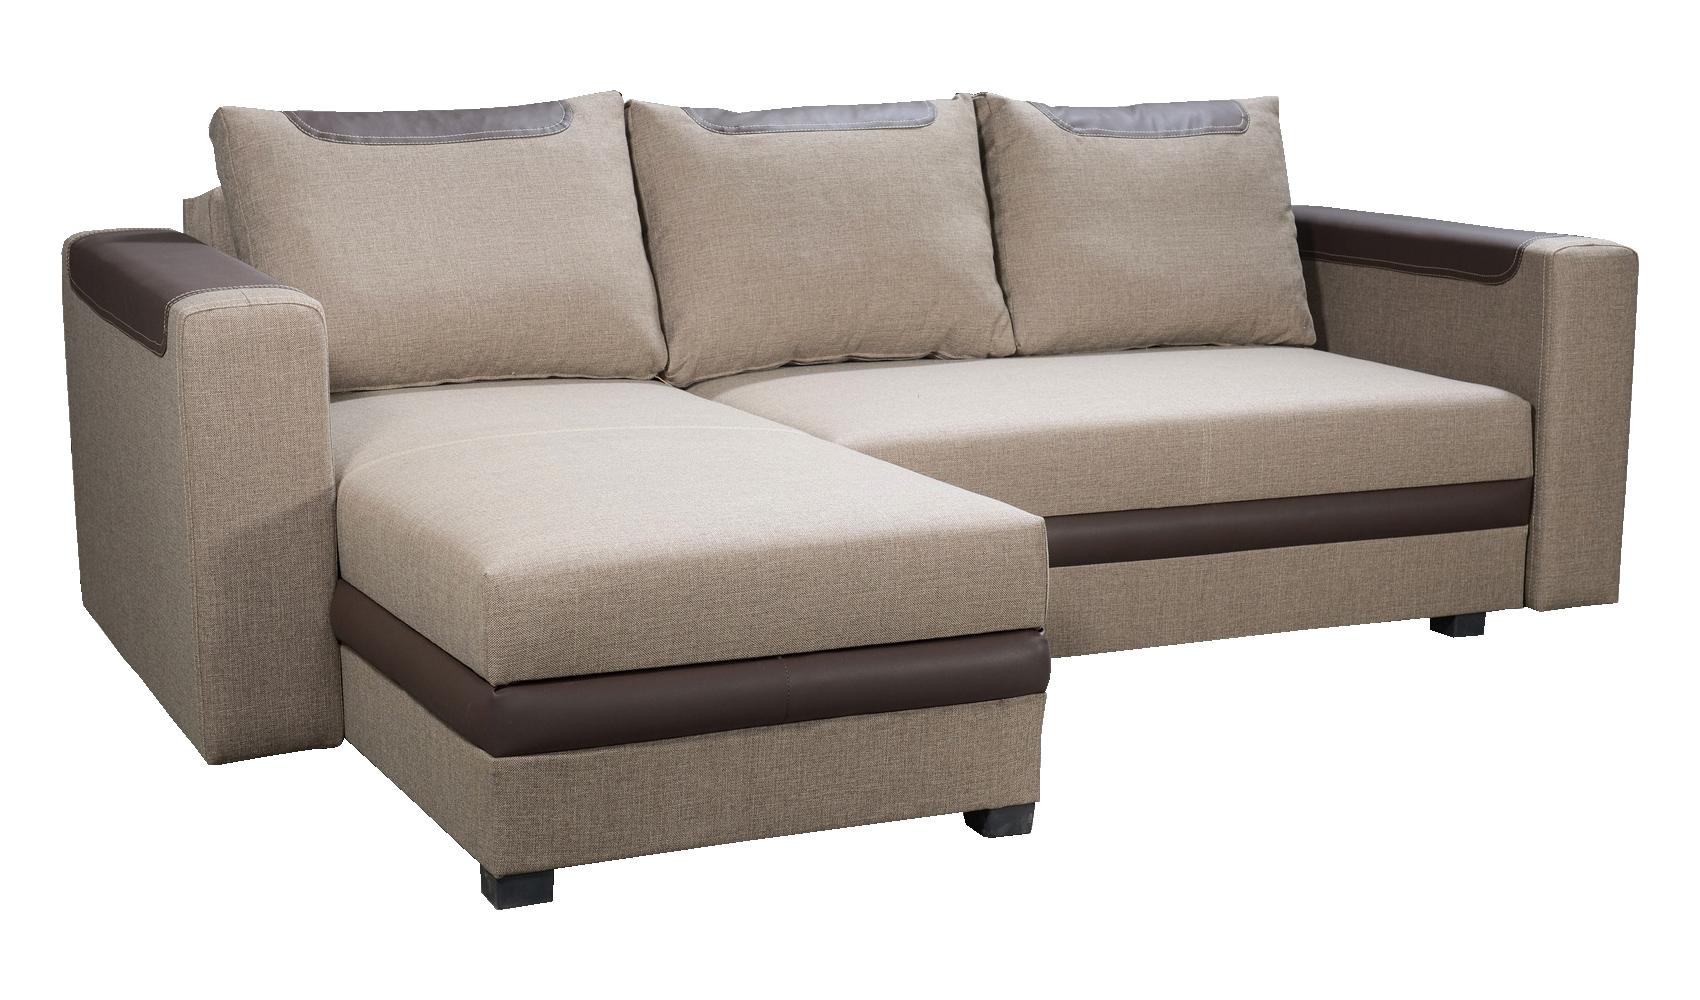 Rohová sedací souprava - Po-Sed - Bono (světle hnědá + hnědá) (L)